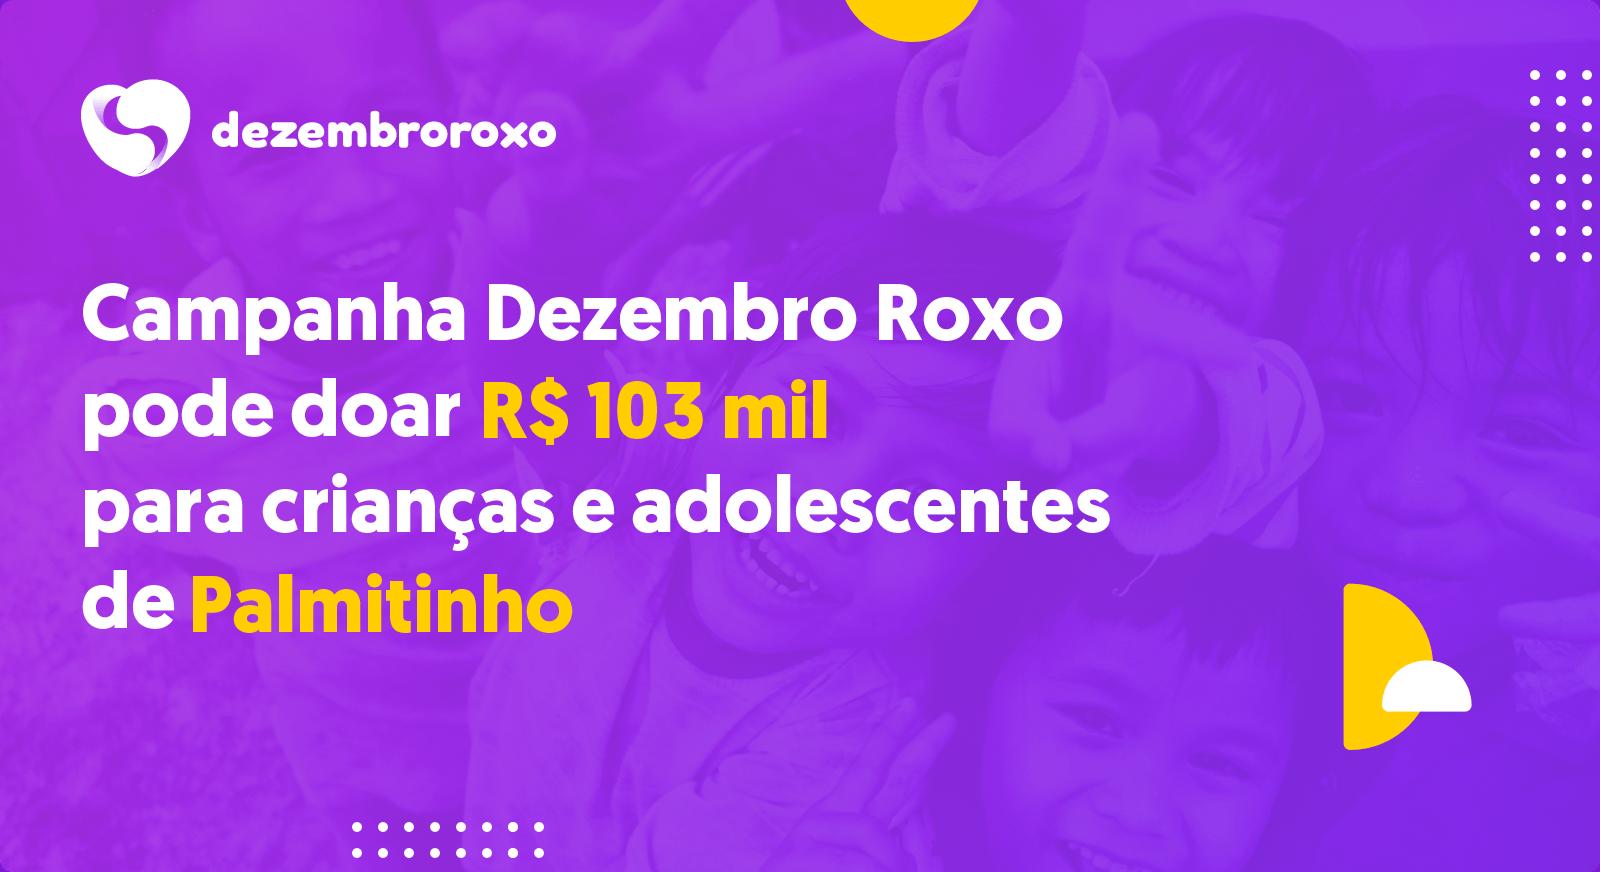 Doações em Palmitinho - RS